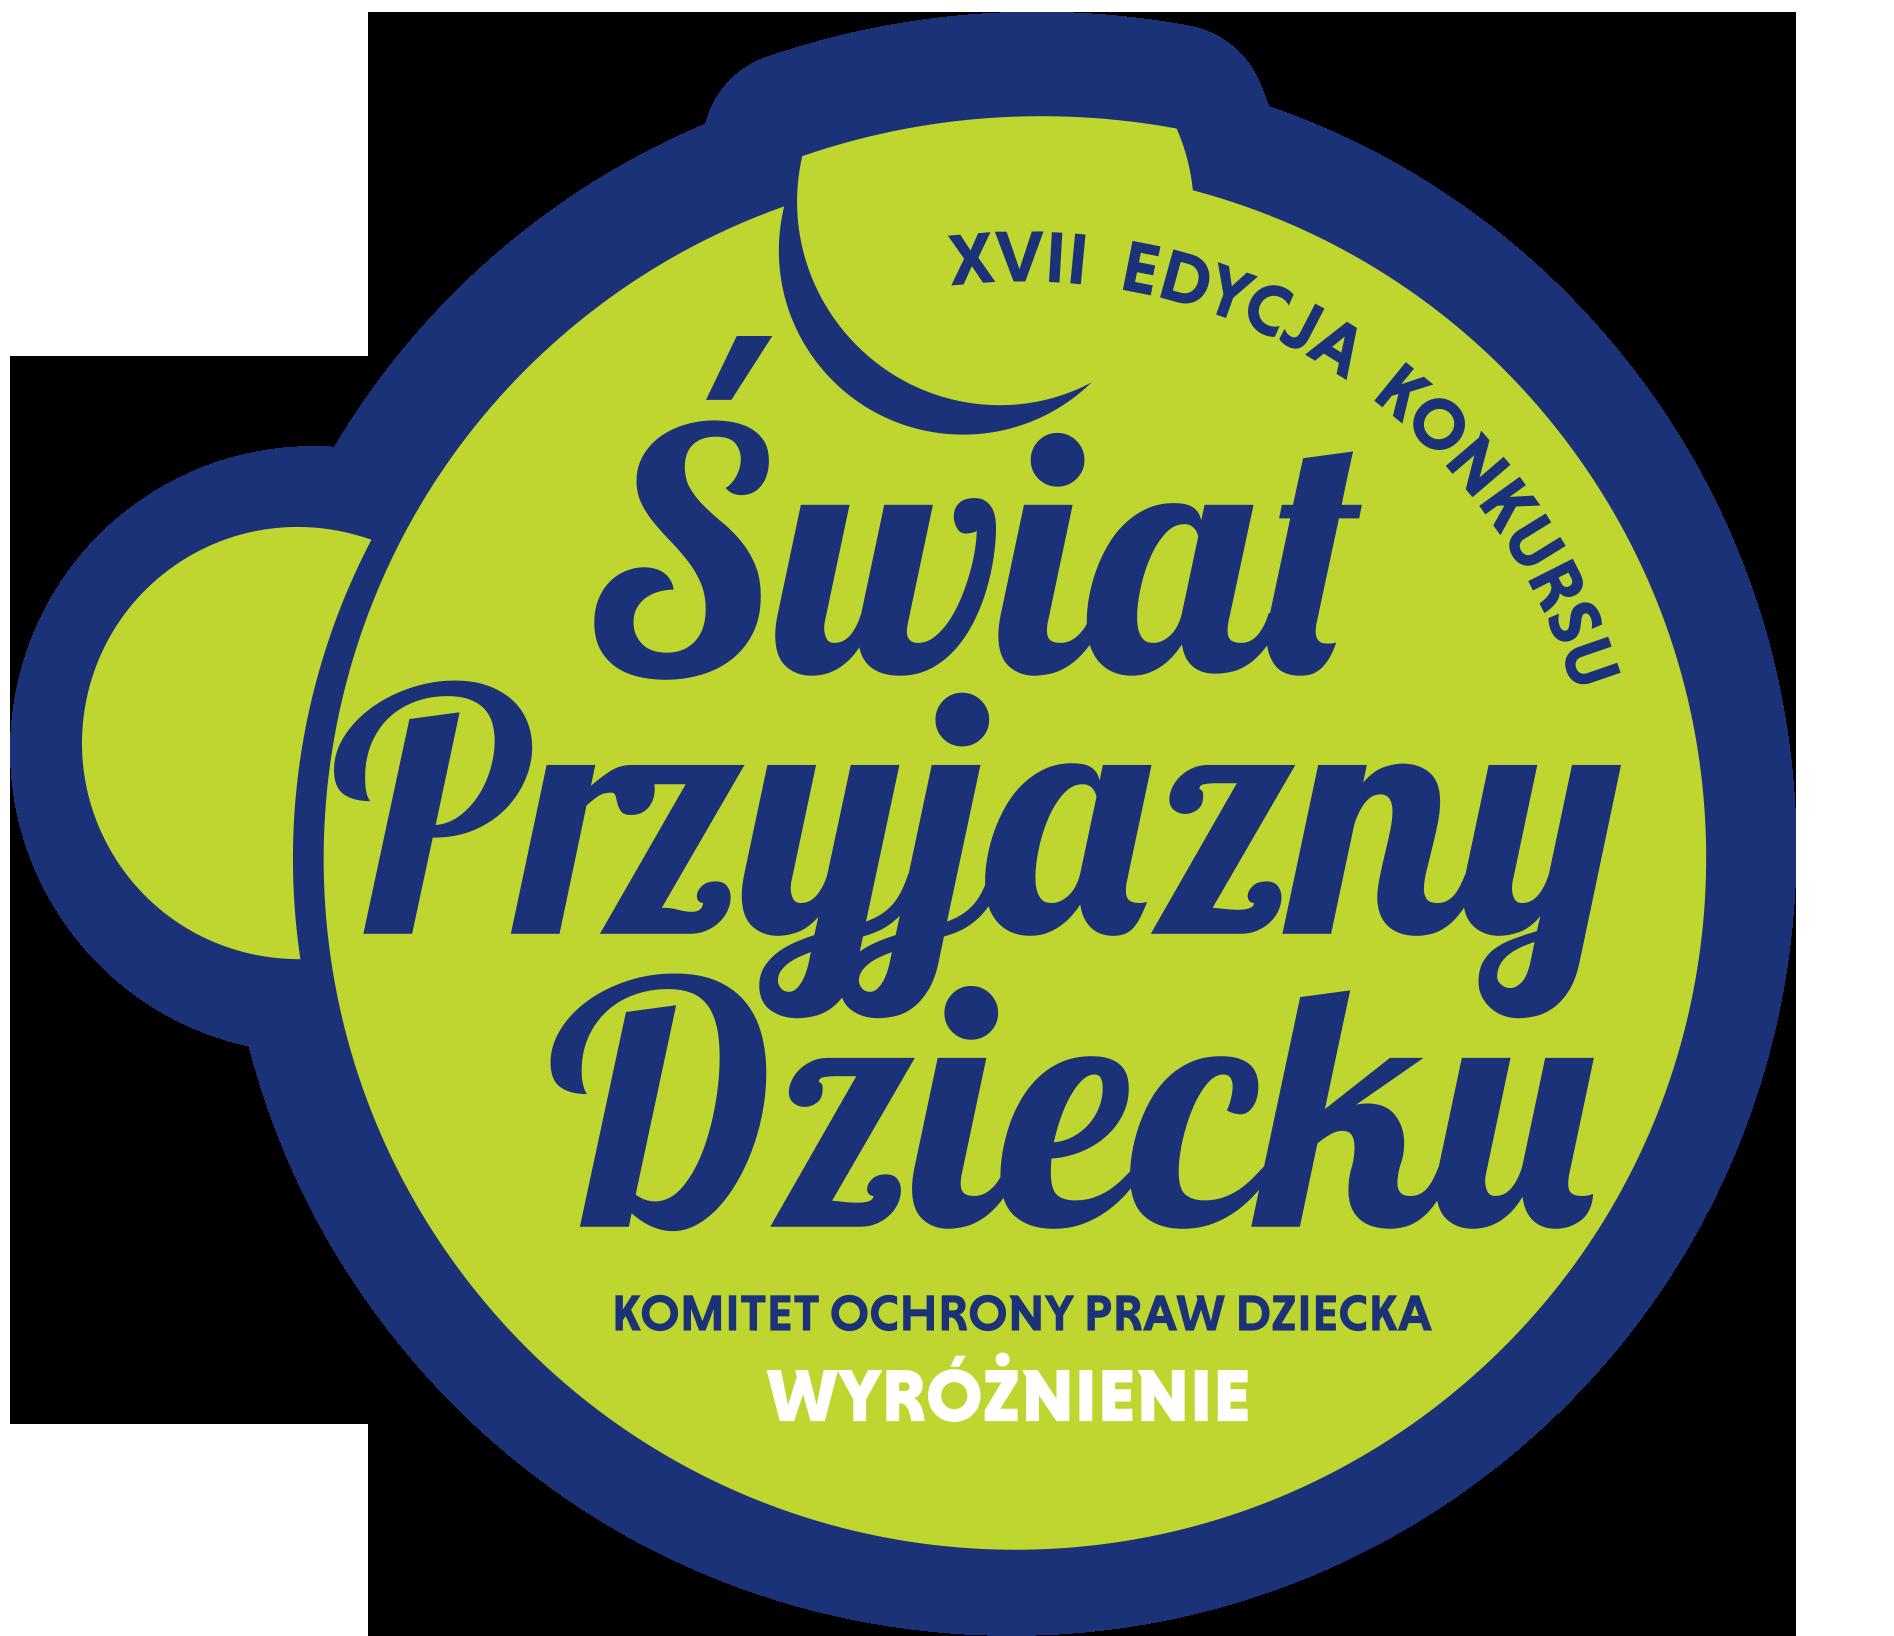 Wyróżnienie w XVII edycji konkursu Świat Przyjazny Dziecku